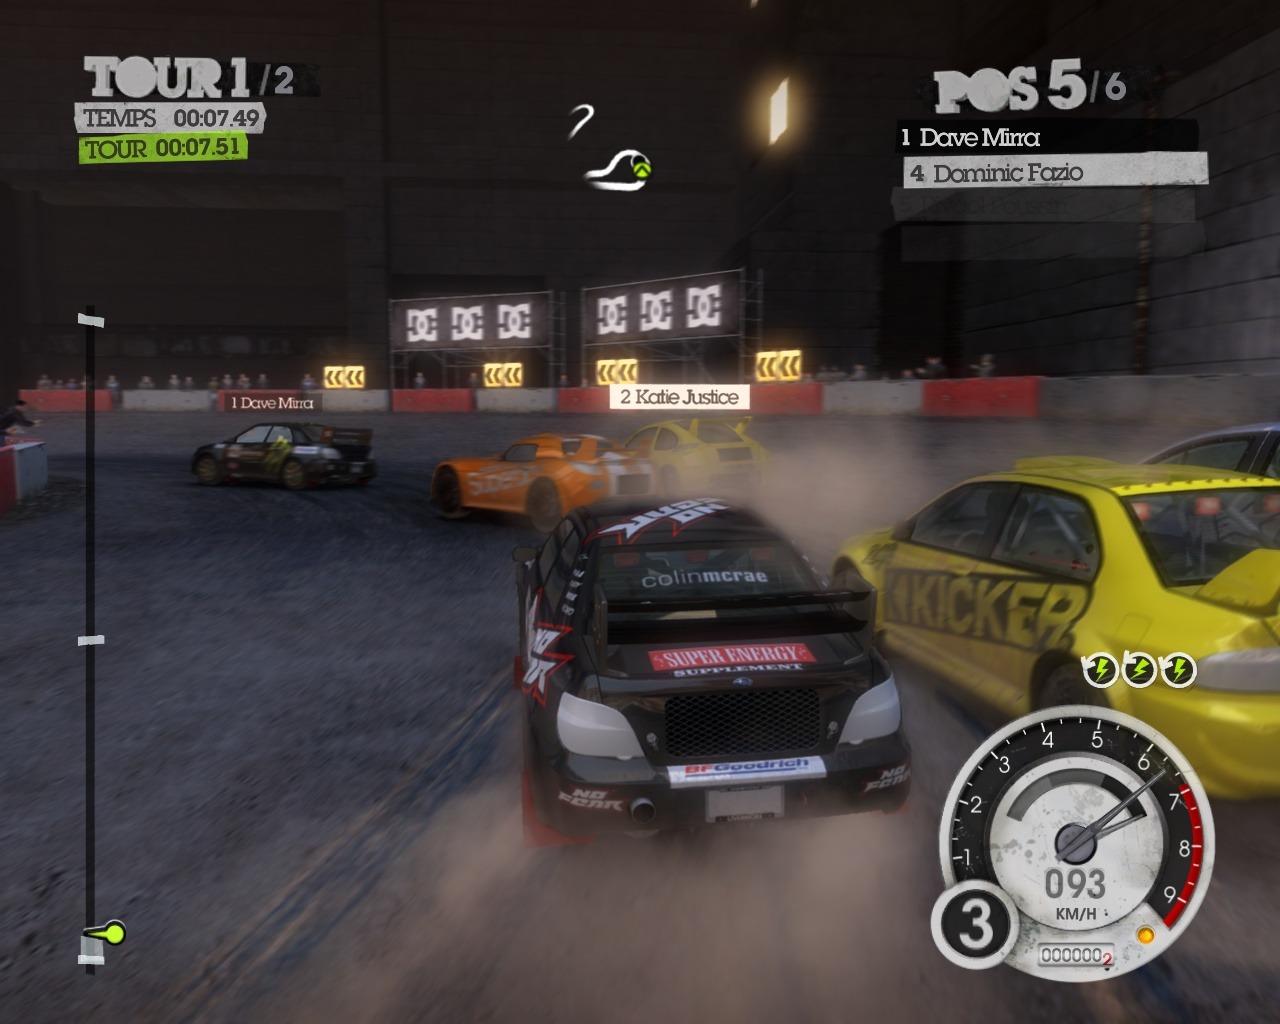 jeuxvideo.com Colin McRae : DiRT 2 - PC Image 94 sur 149